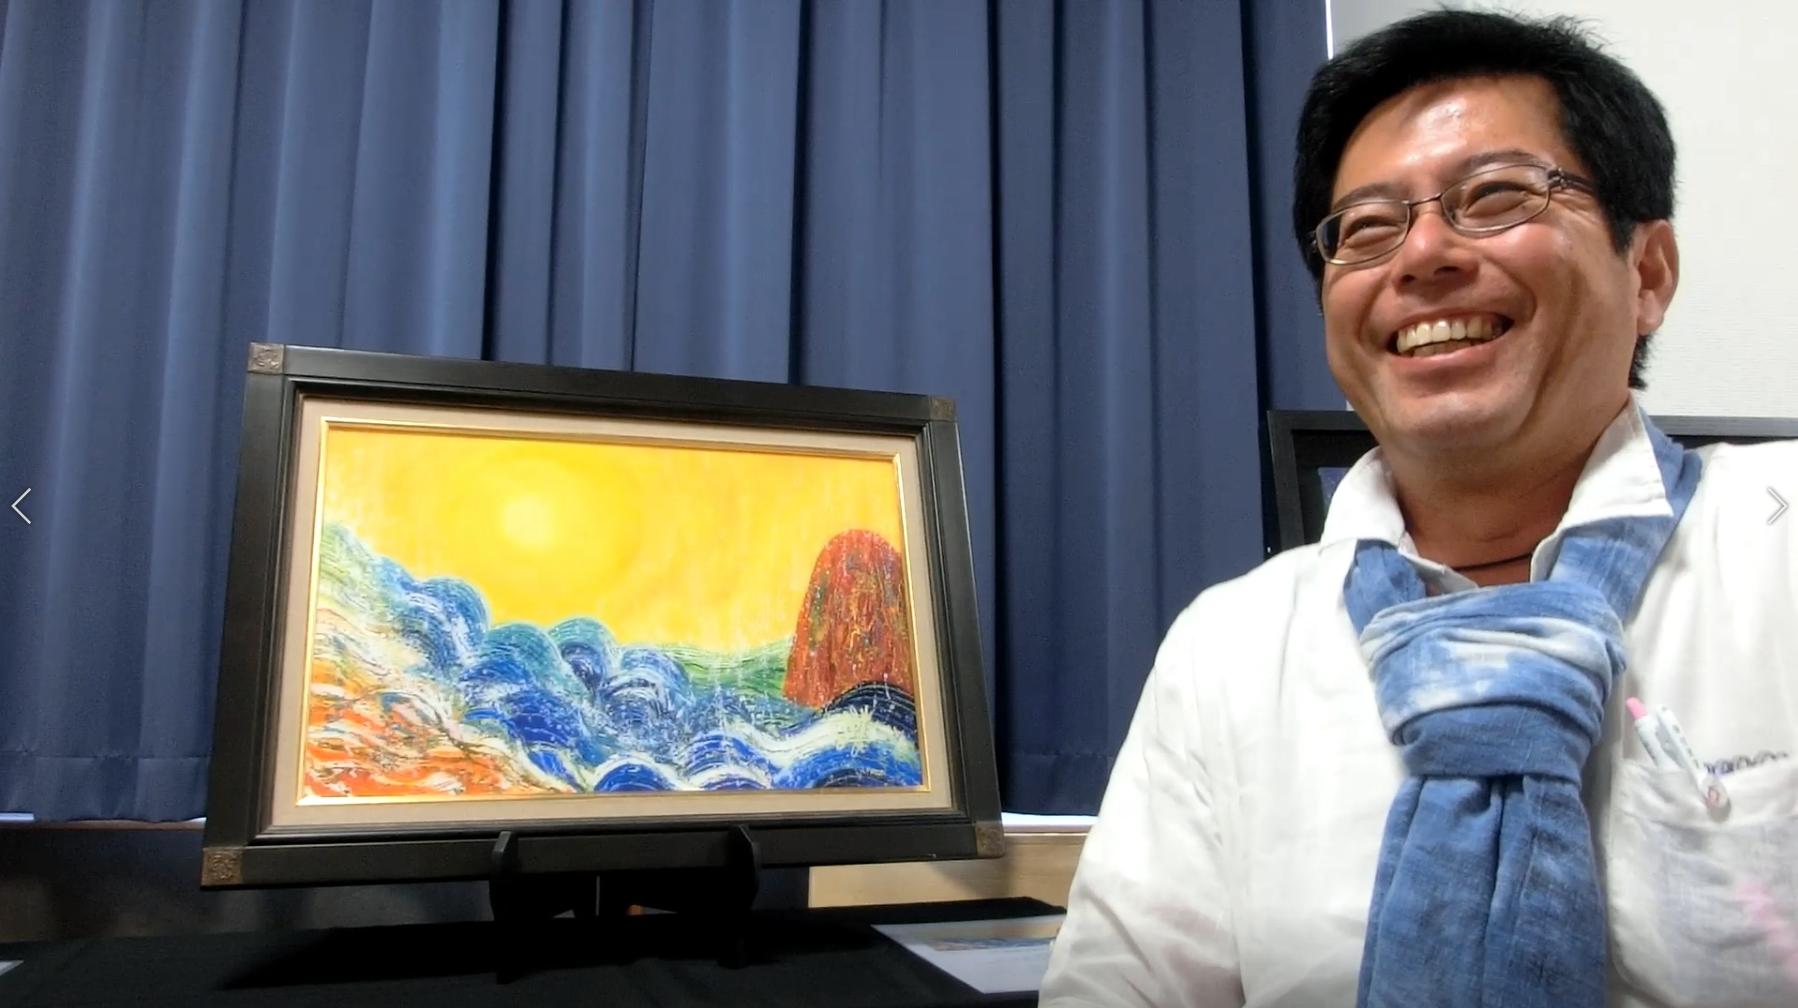 【動画】オーナーズインタビュー:高木さん